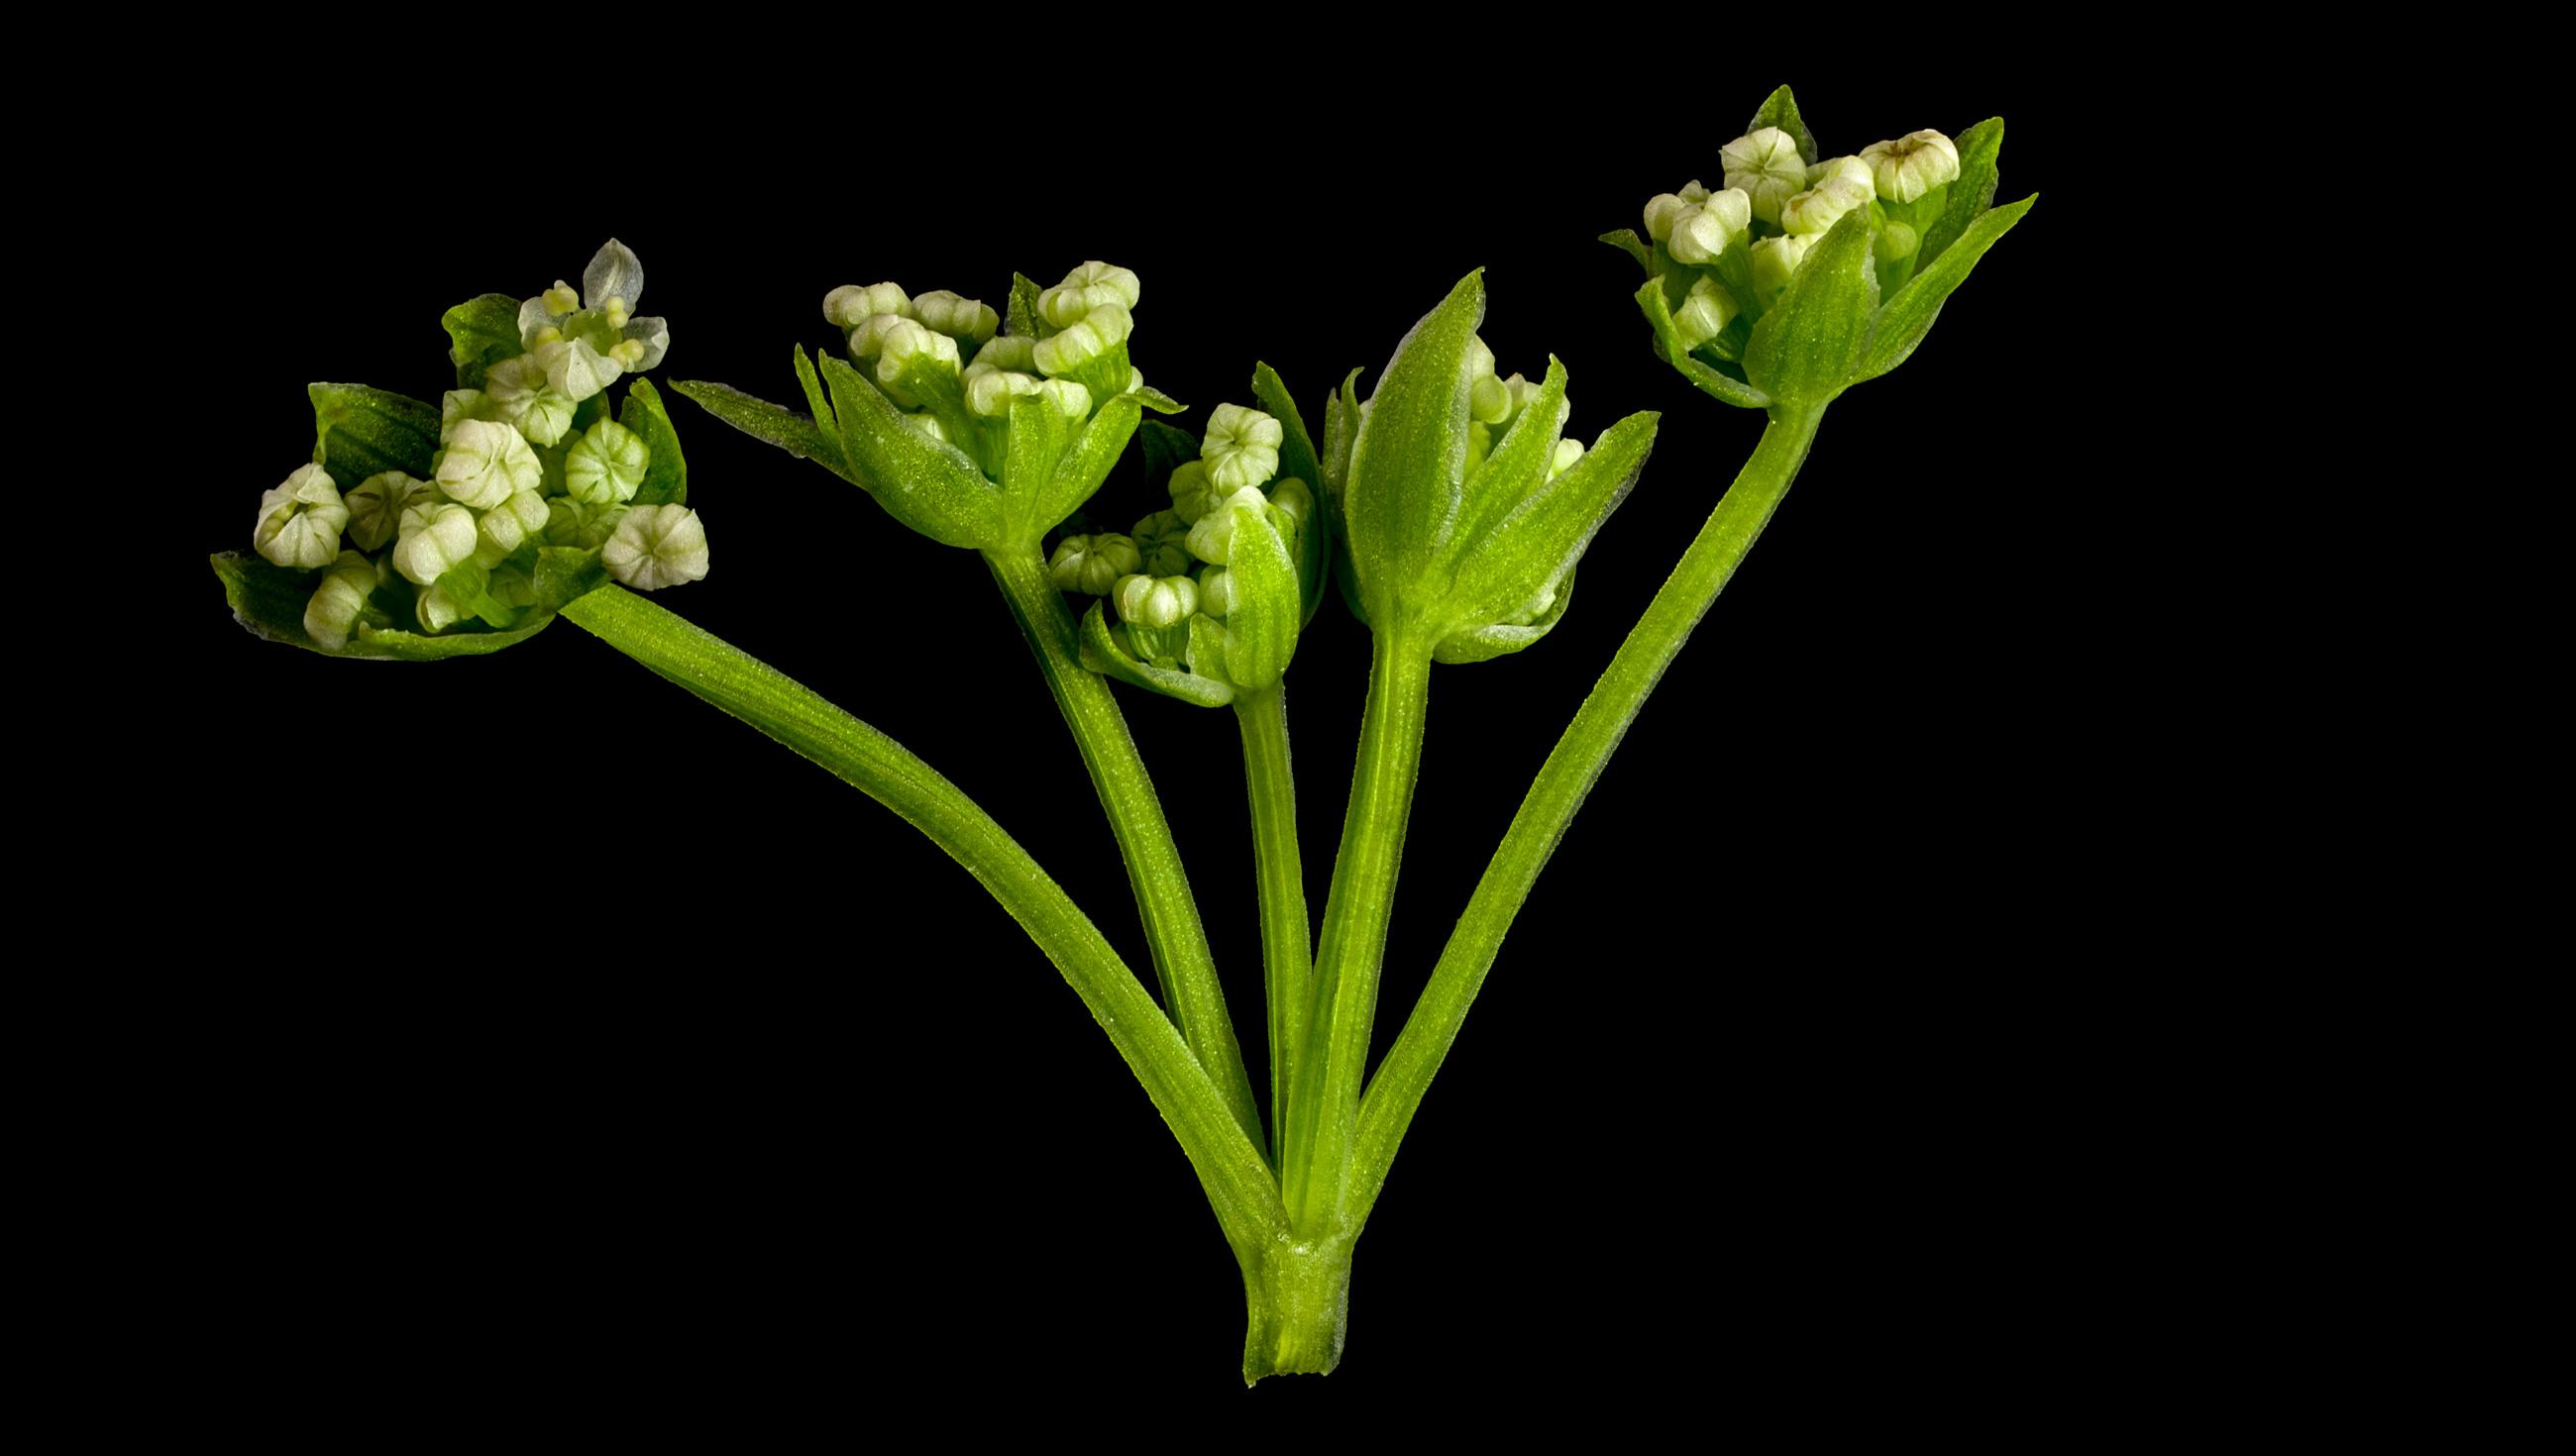 der knotenbl tige scheiberich helosciadium nodiflorum flora obscura. Black Bedroom Furniture Sets. Home Design Ideas